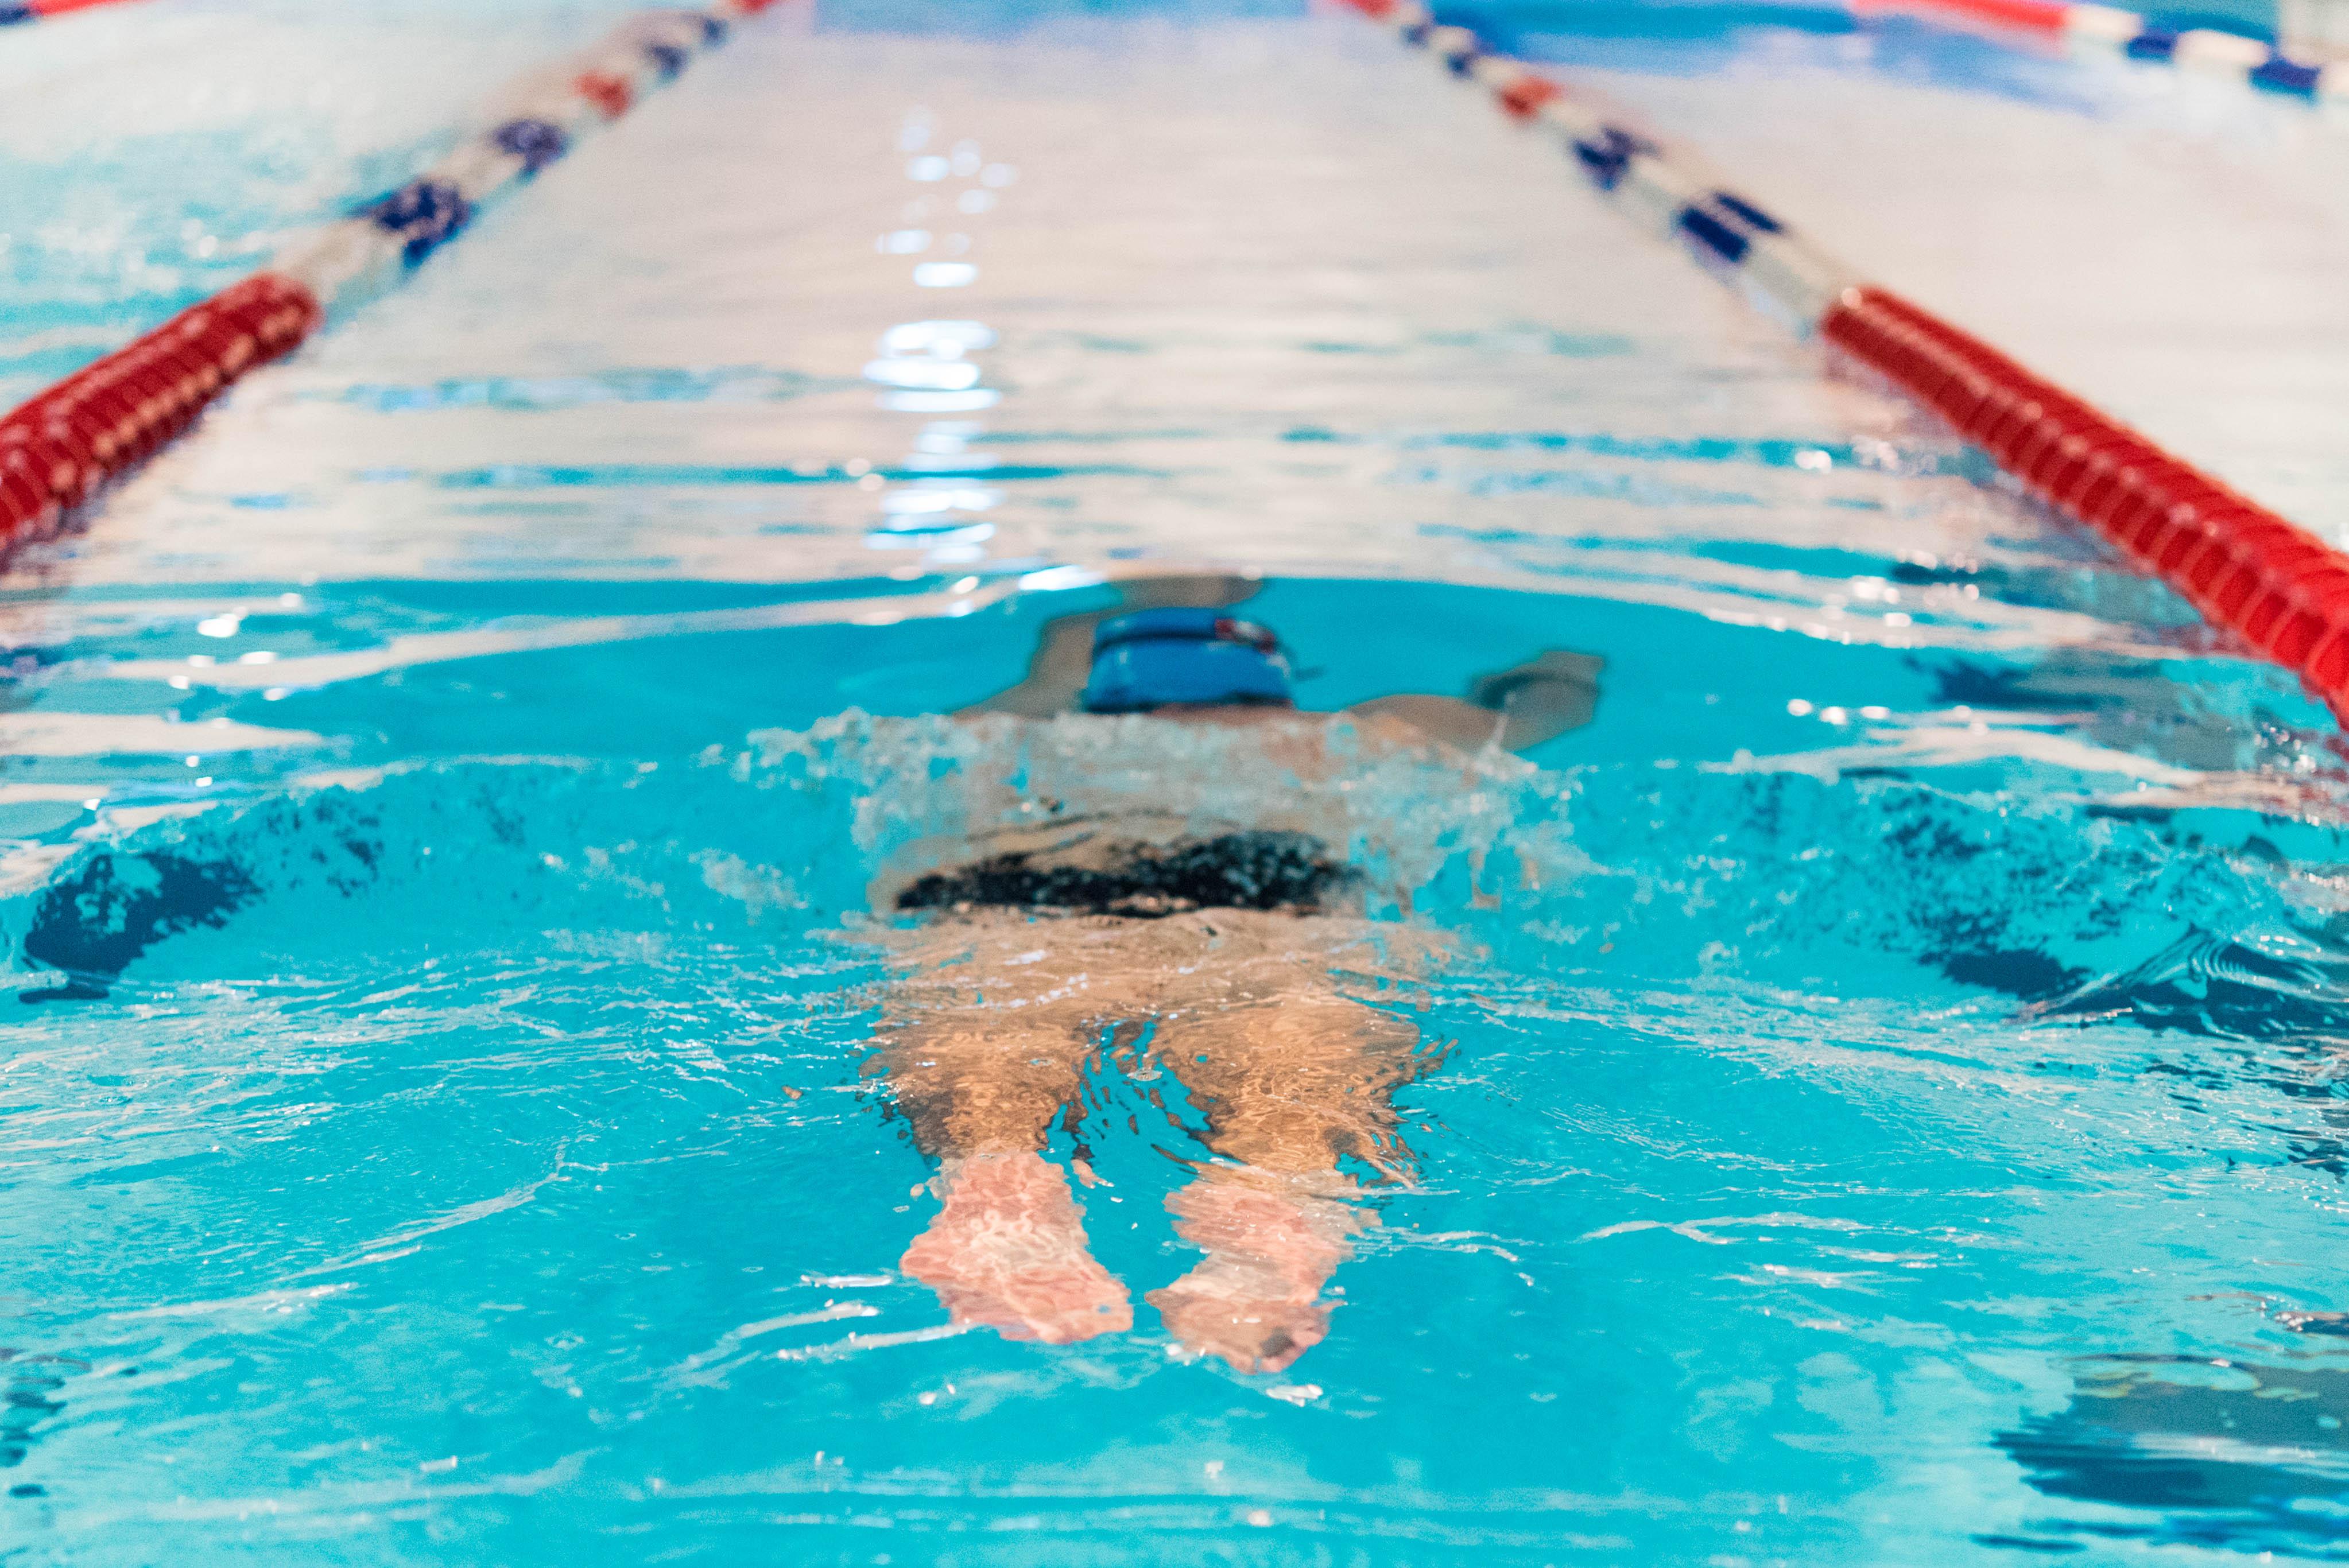 Nuoto grande soddisfazione per gli atleti del tricolle al - Ipoclorito di calcio per piscine ...